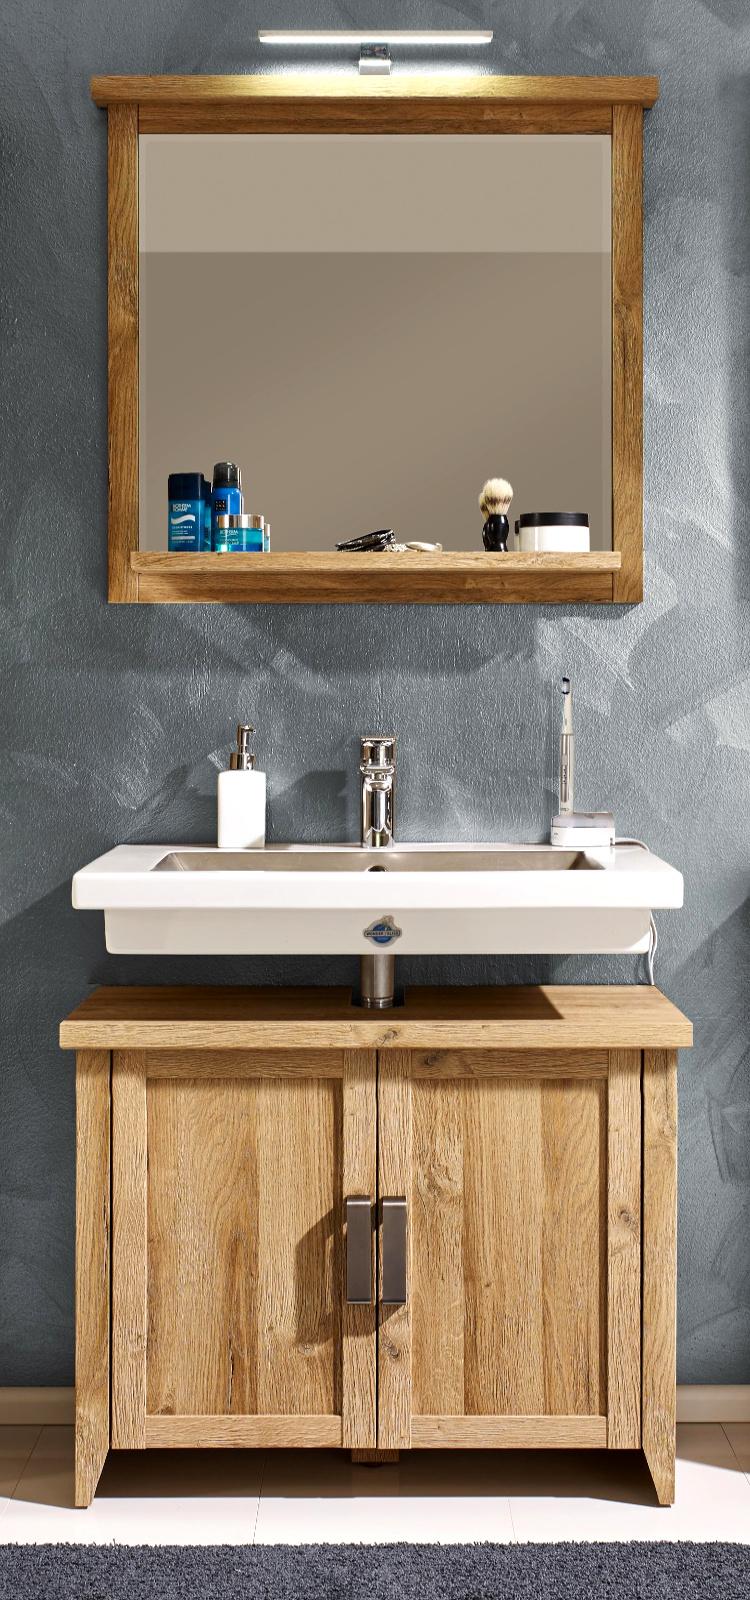 Waschbecken unterschrank badschrank eiche alteiche for Wasserabweisende folie bad